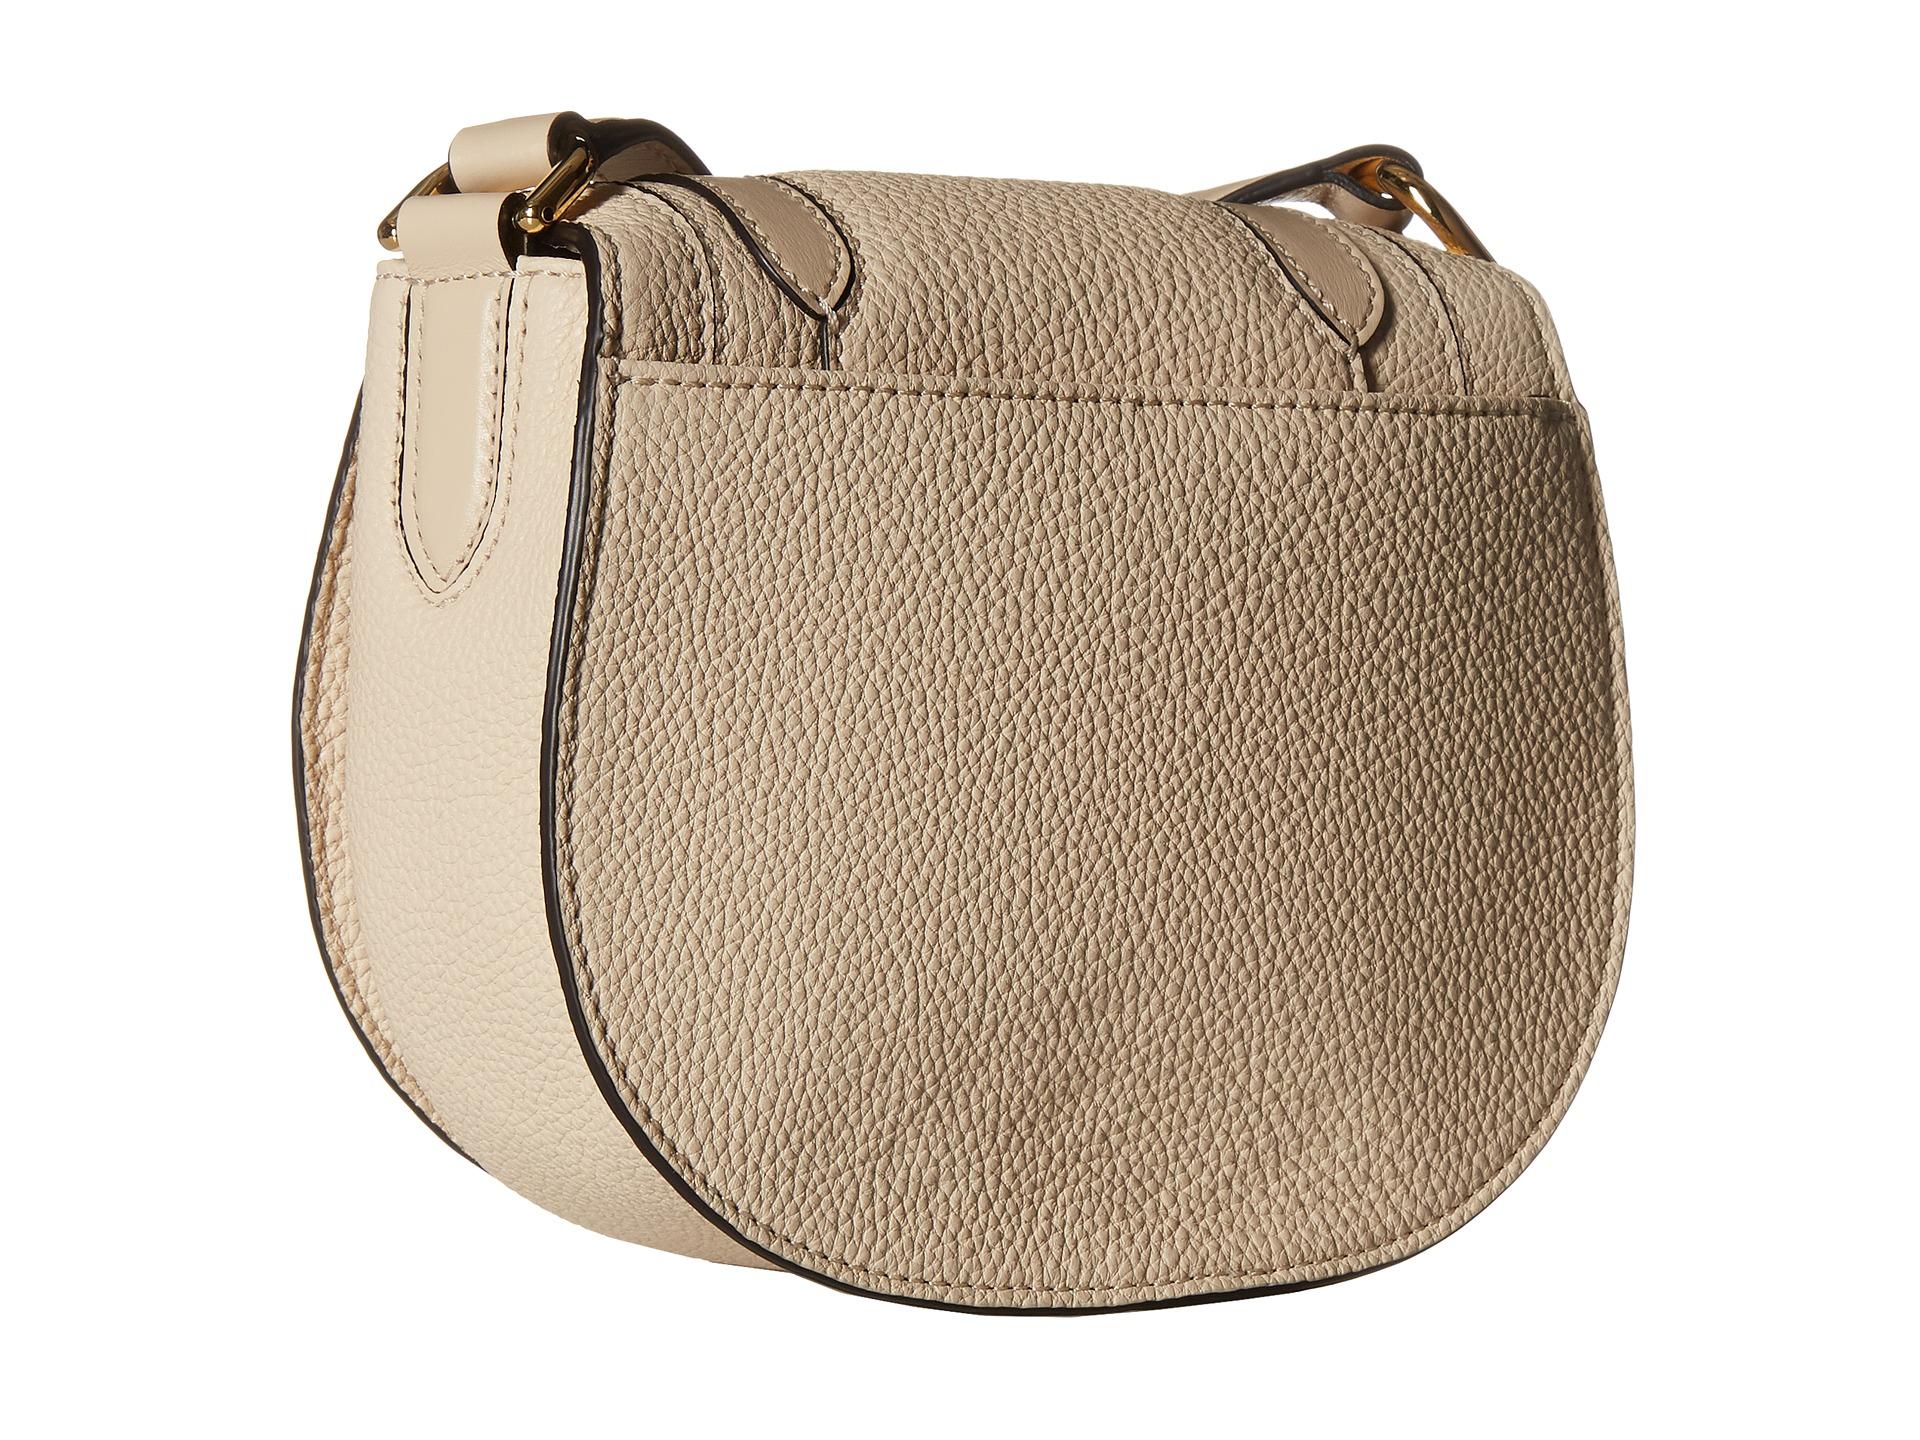 c0f88c86fda ... Bags and Designer handbags Michael kors Skorpios Small Crossbody in  Natural Lyst ...